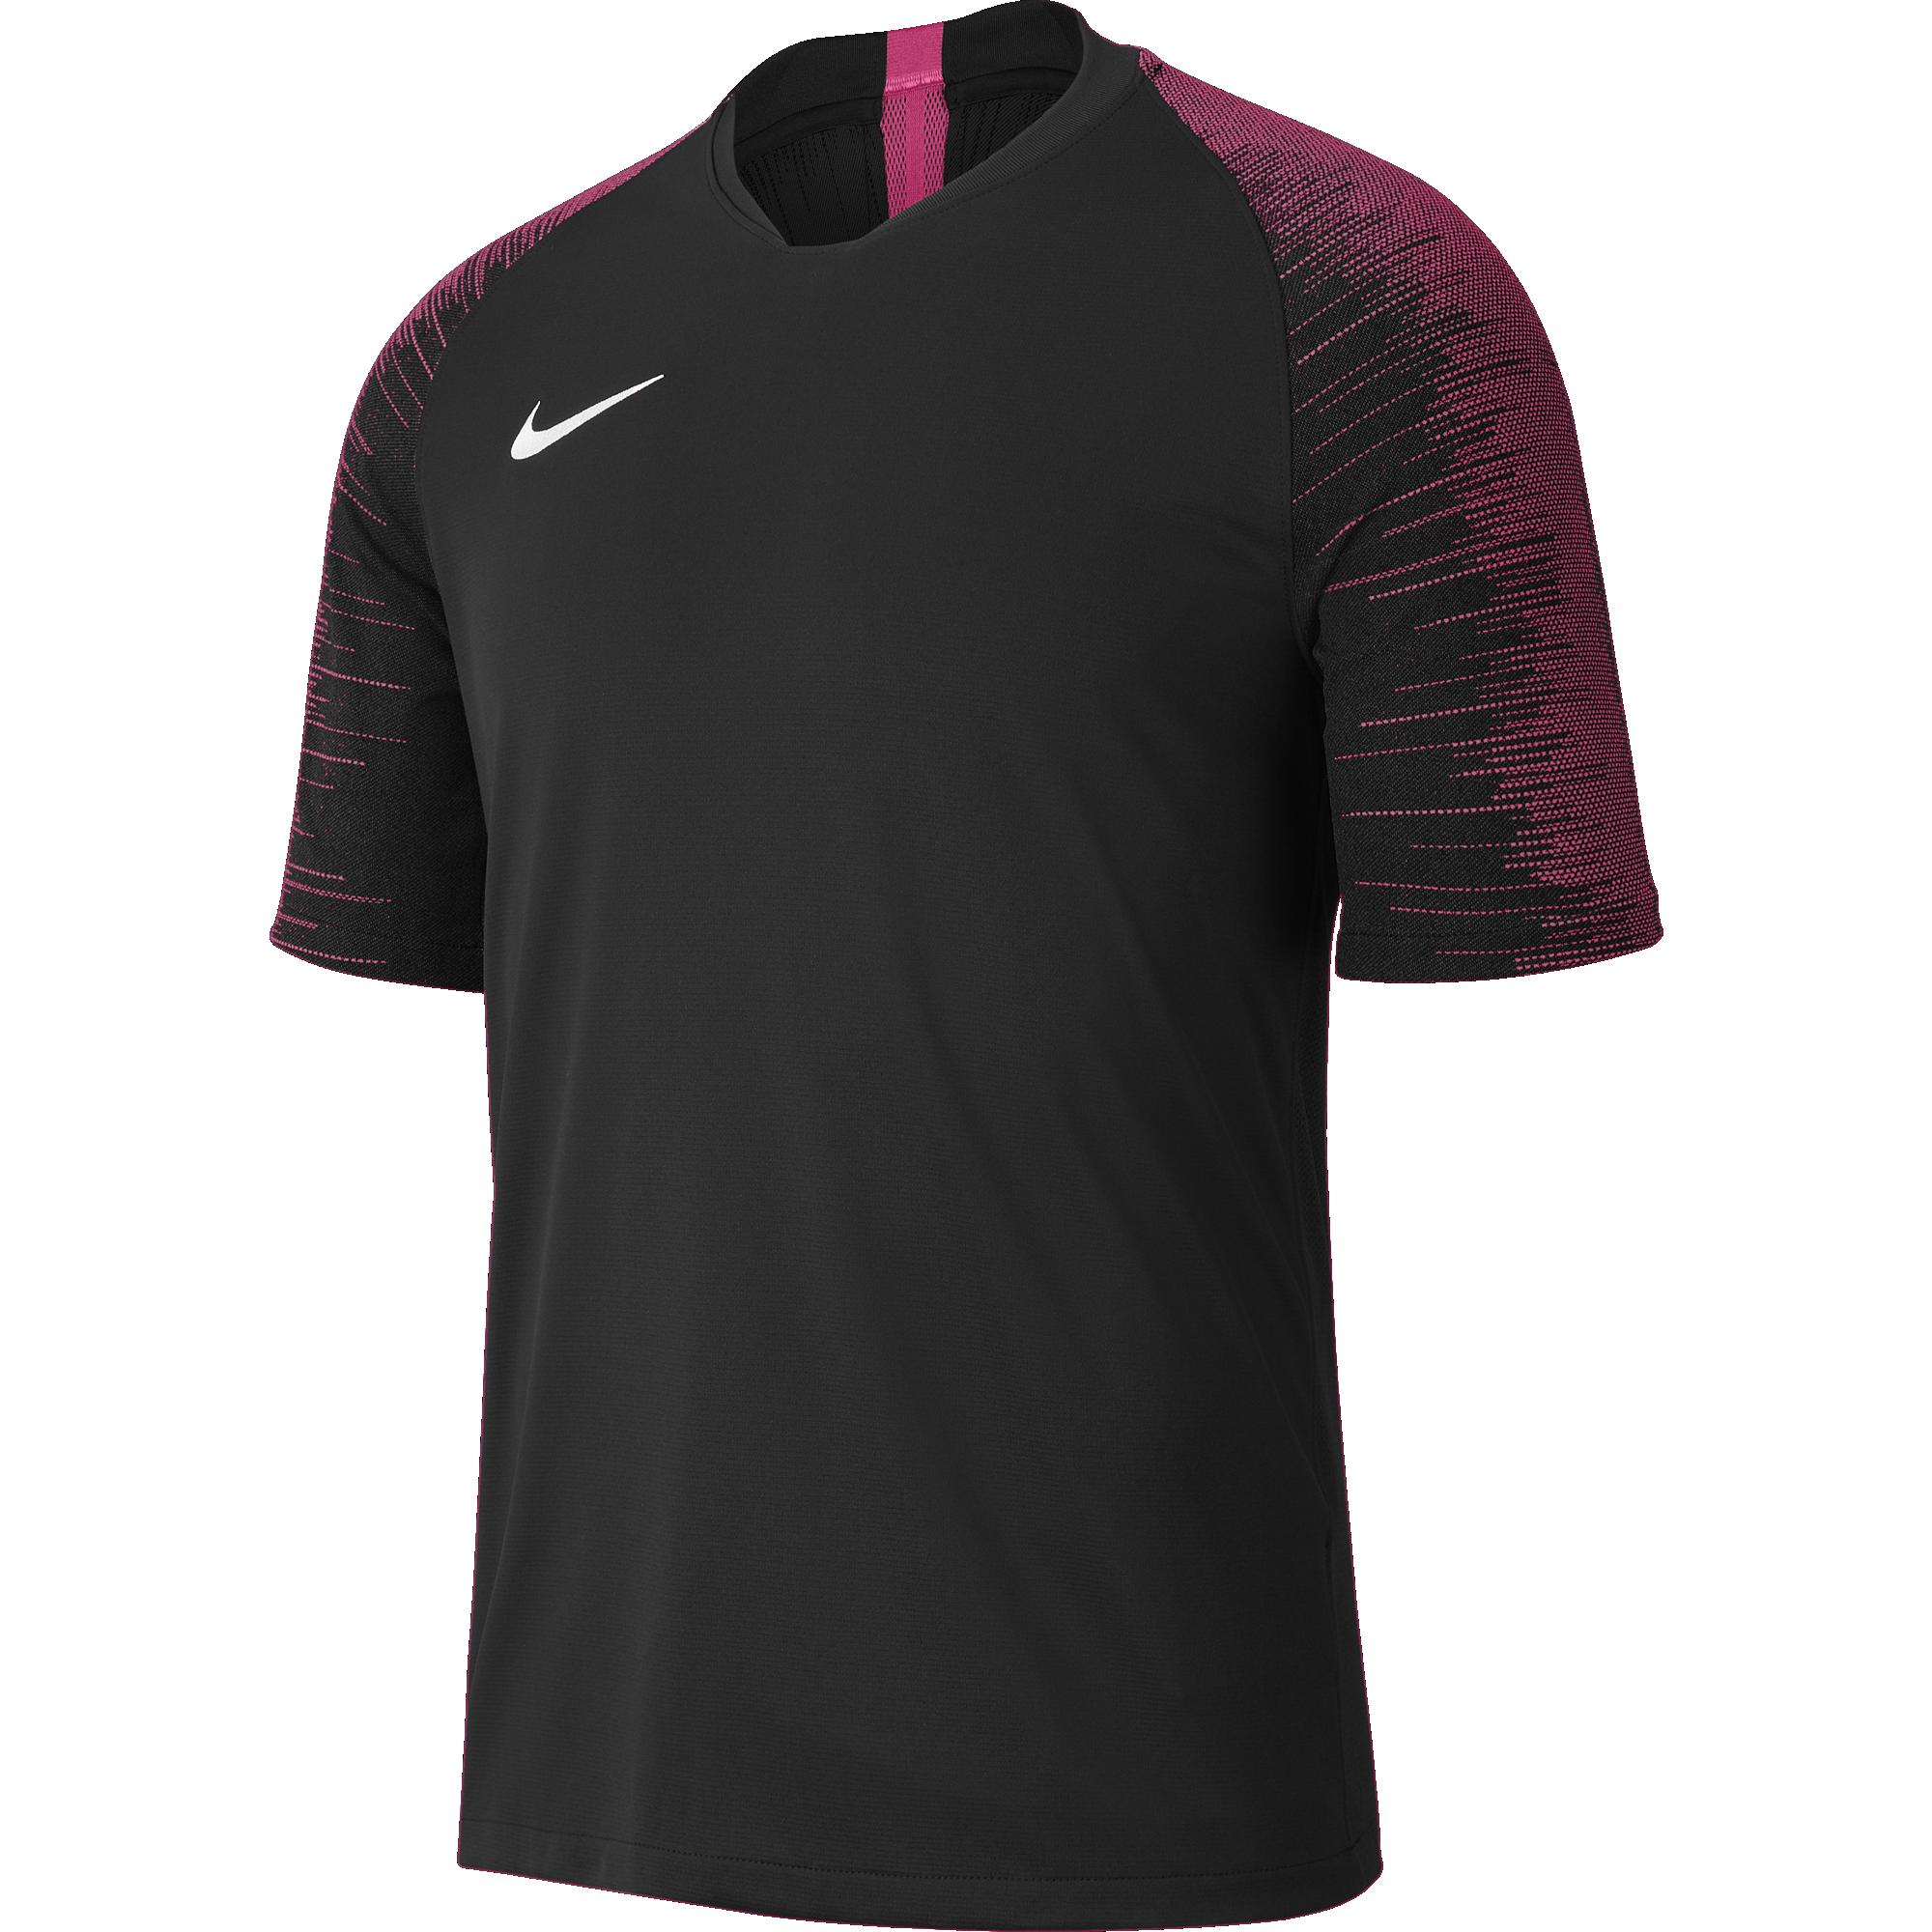 nike strike jersey black vivid pink  15815 p